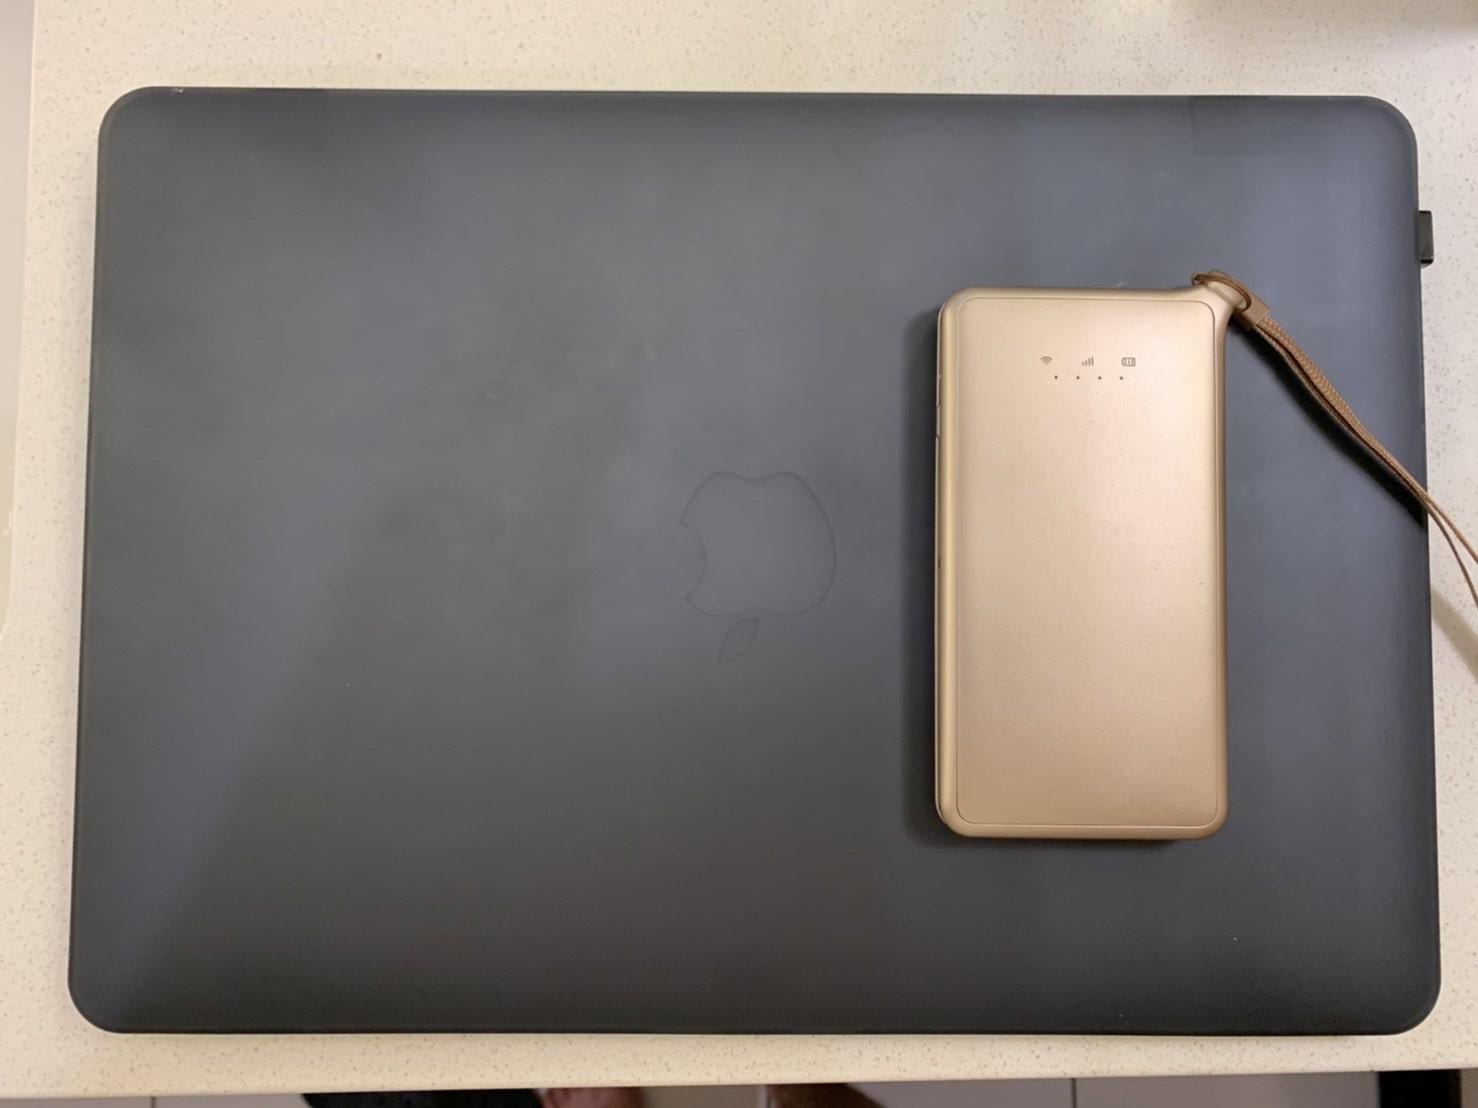 ポケットWiFiとパソコンの画像